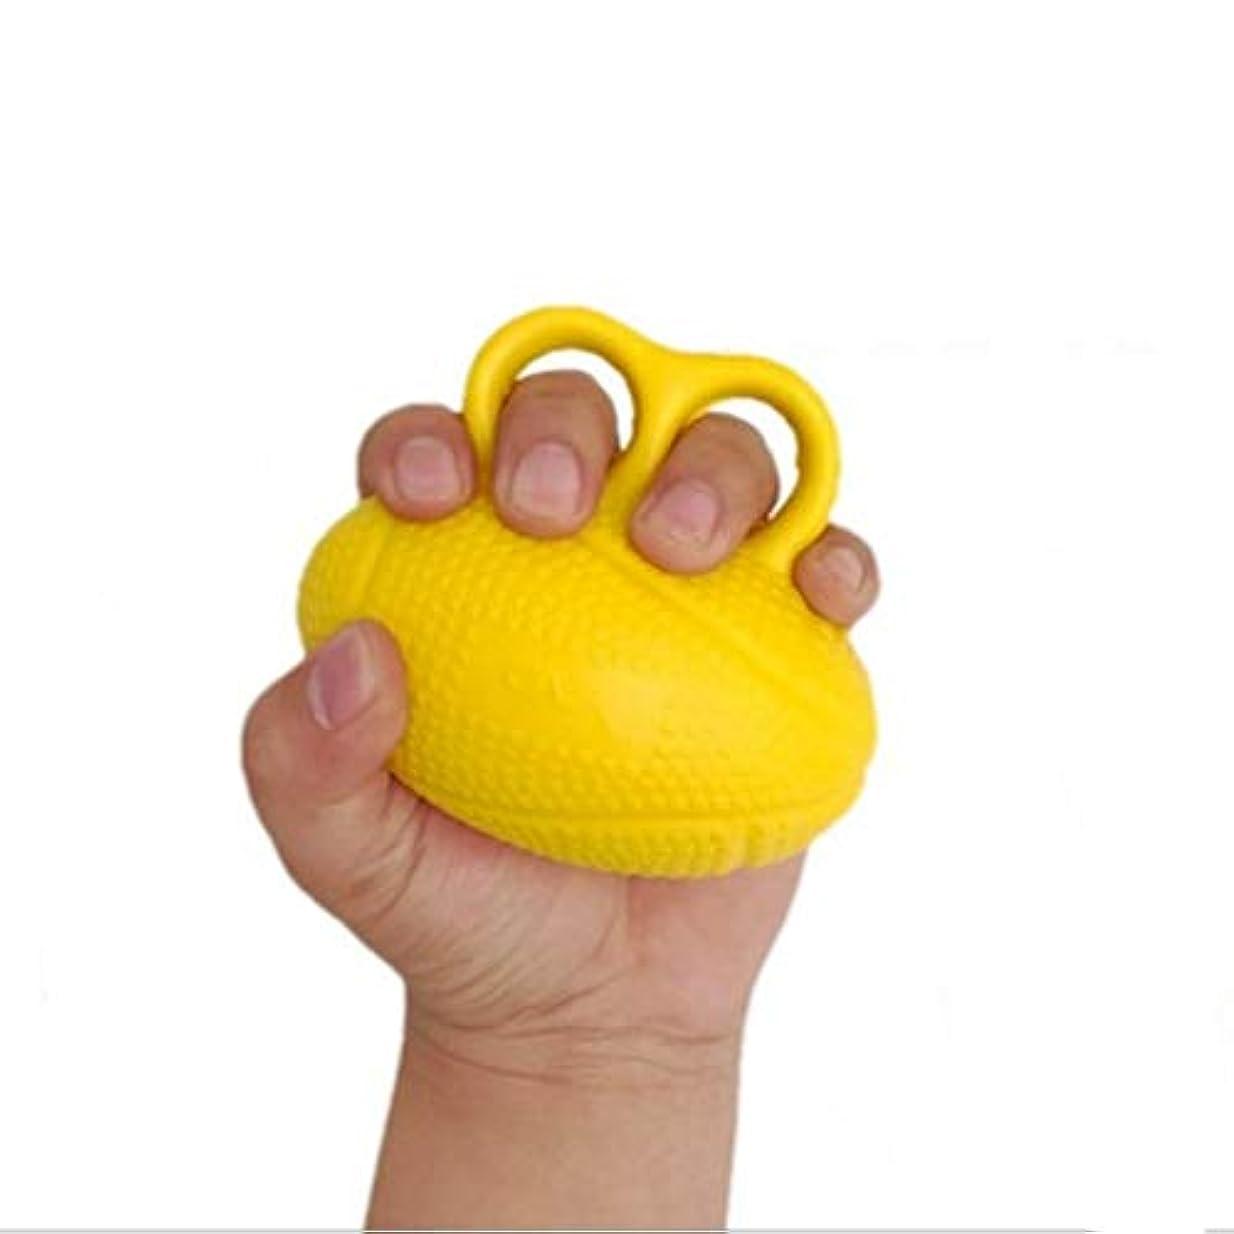 メディアアルバム彼女の指の整形外科のボールポイント指のグリップボールトレーニングボール指筋力トレーニングリハビリ機器のグリップ